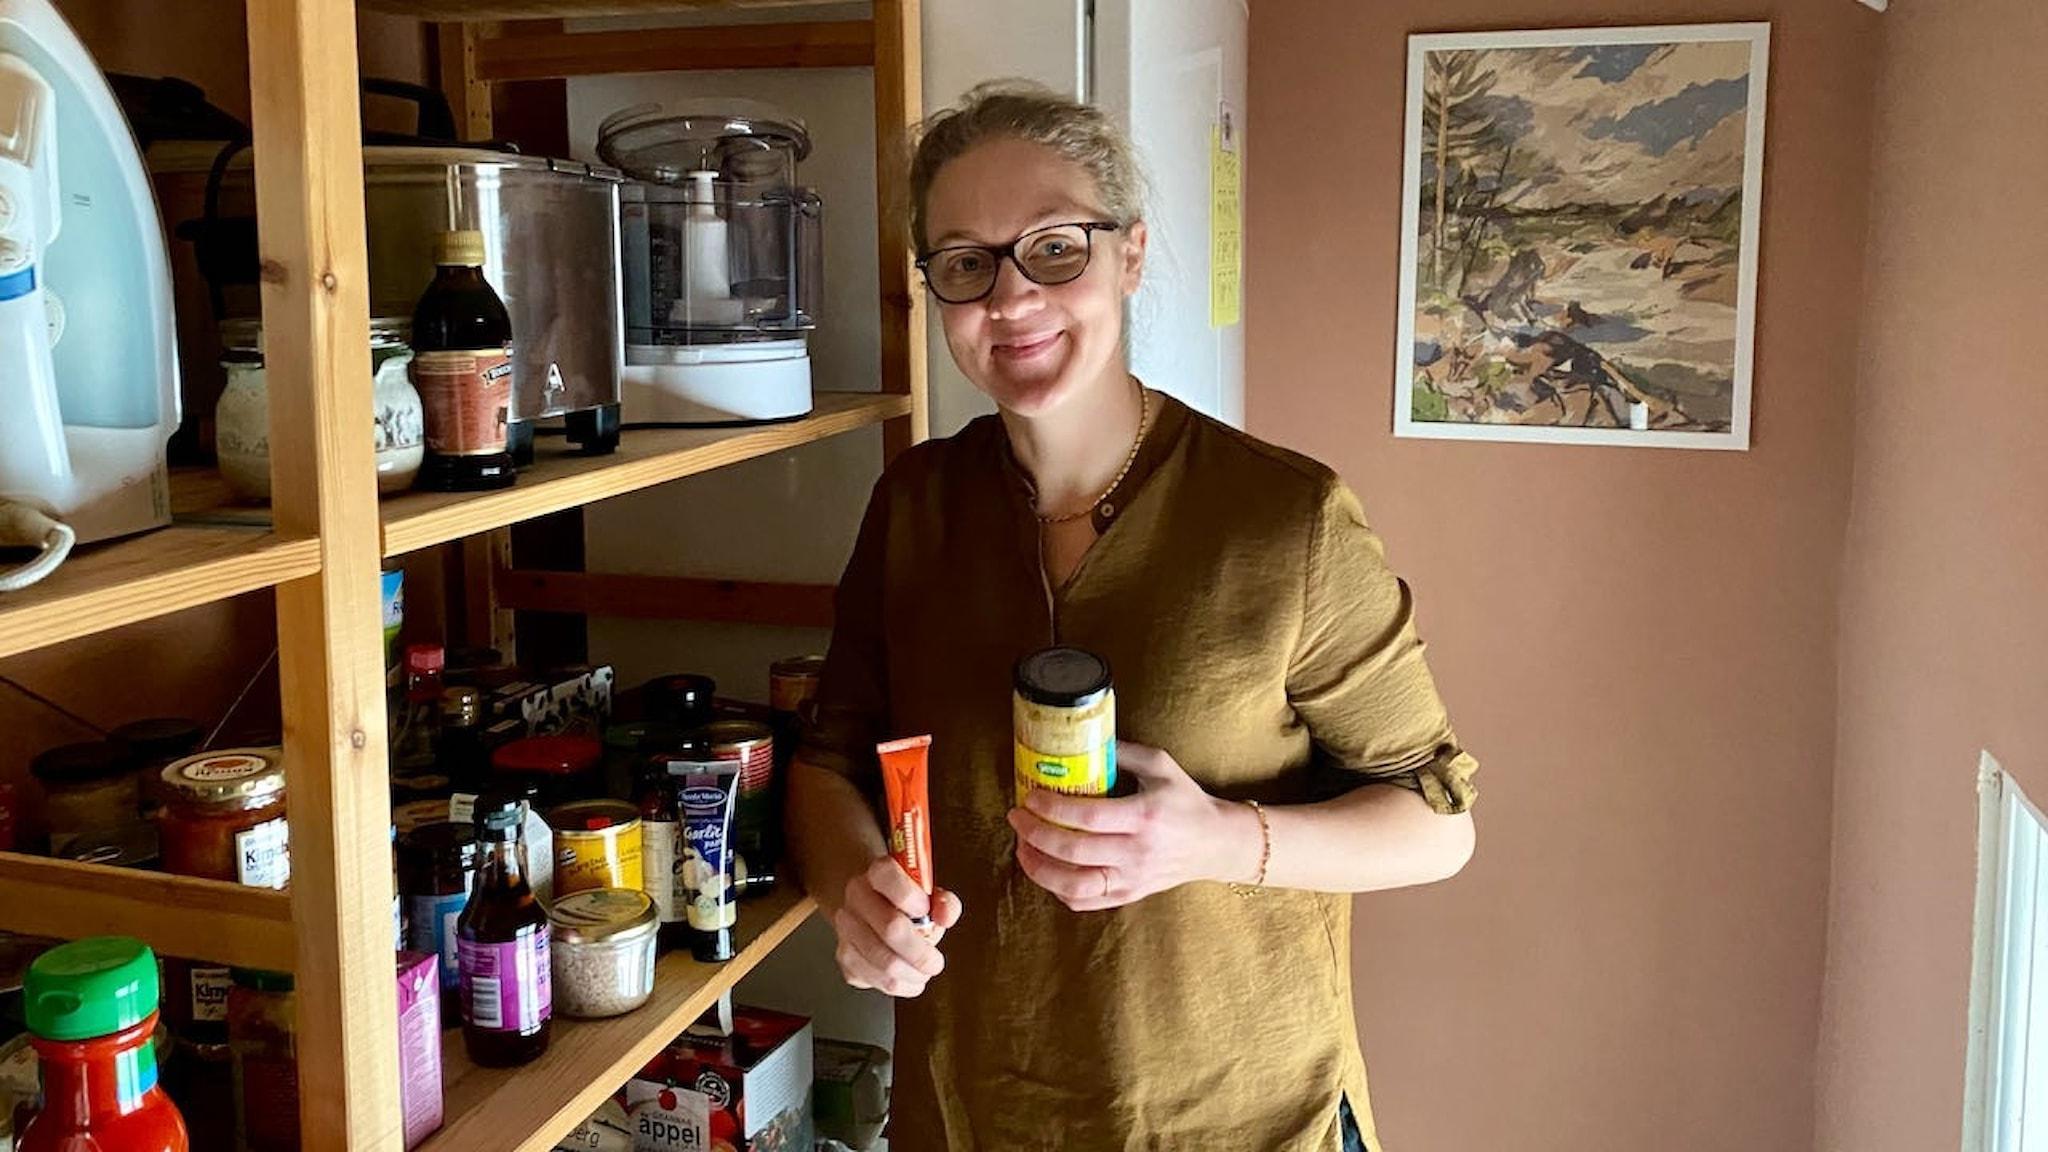 Jenny Damberg gillar konserver för att de förenklar vardagen - man har saker hemma! - och gör maten godare.